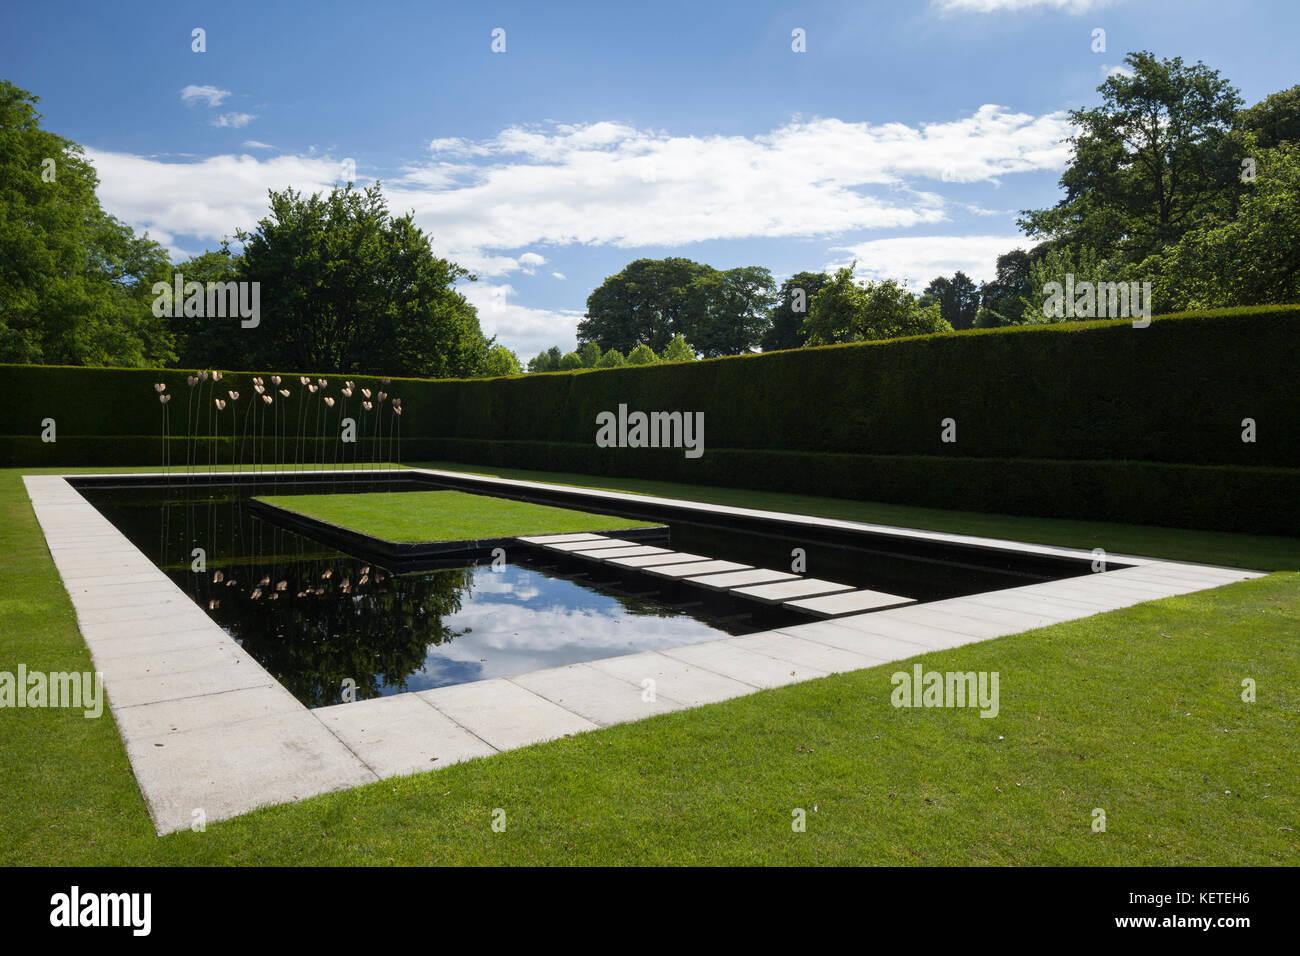 Die Zeitgenössische Wasser Garten Mit Moderner Kunst Skulptur Ist Von Hohen  Eibe Hecken, Gärten, Cotswolds Kiftsgate Court, Gloucestershire, ...